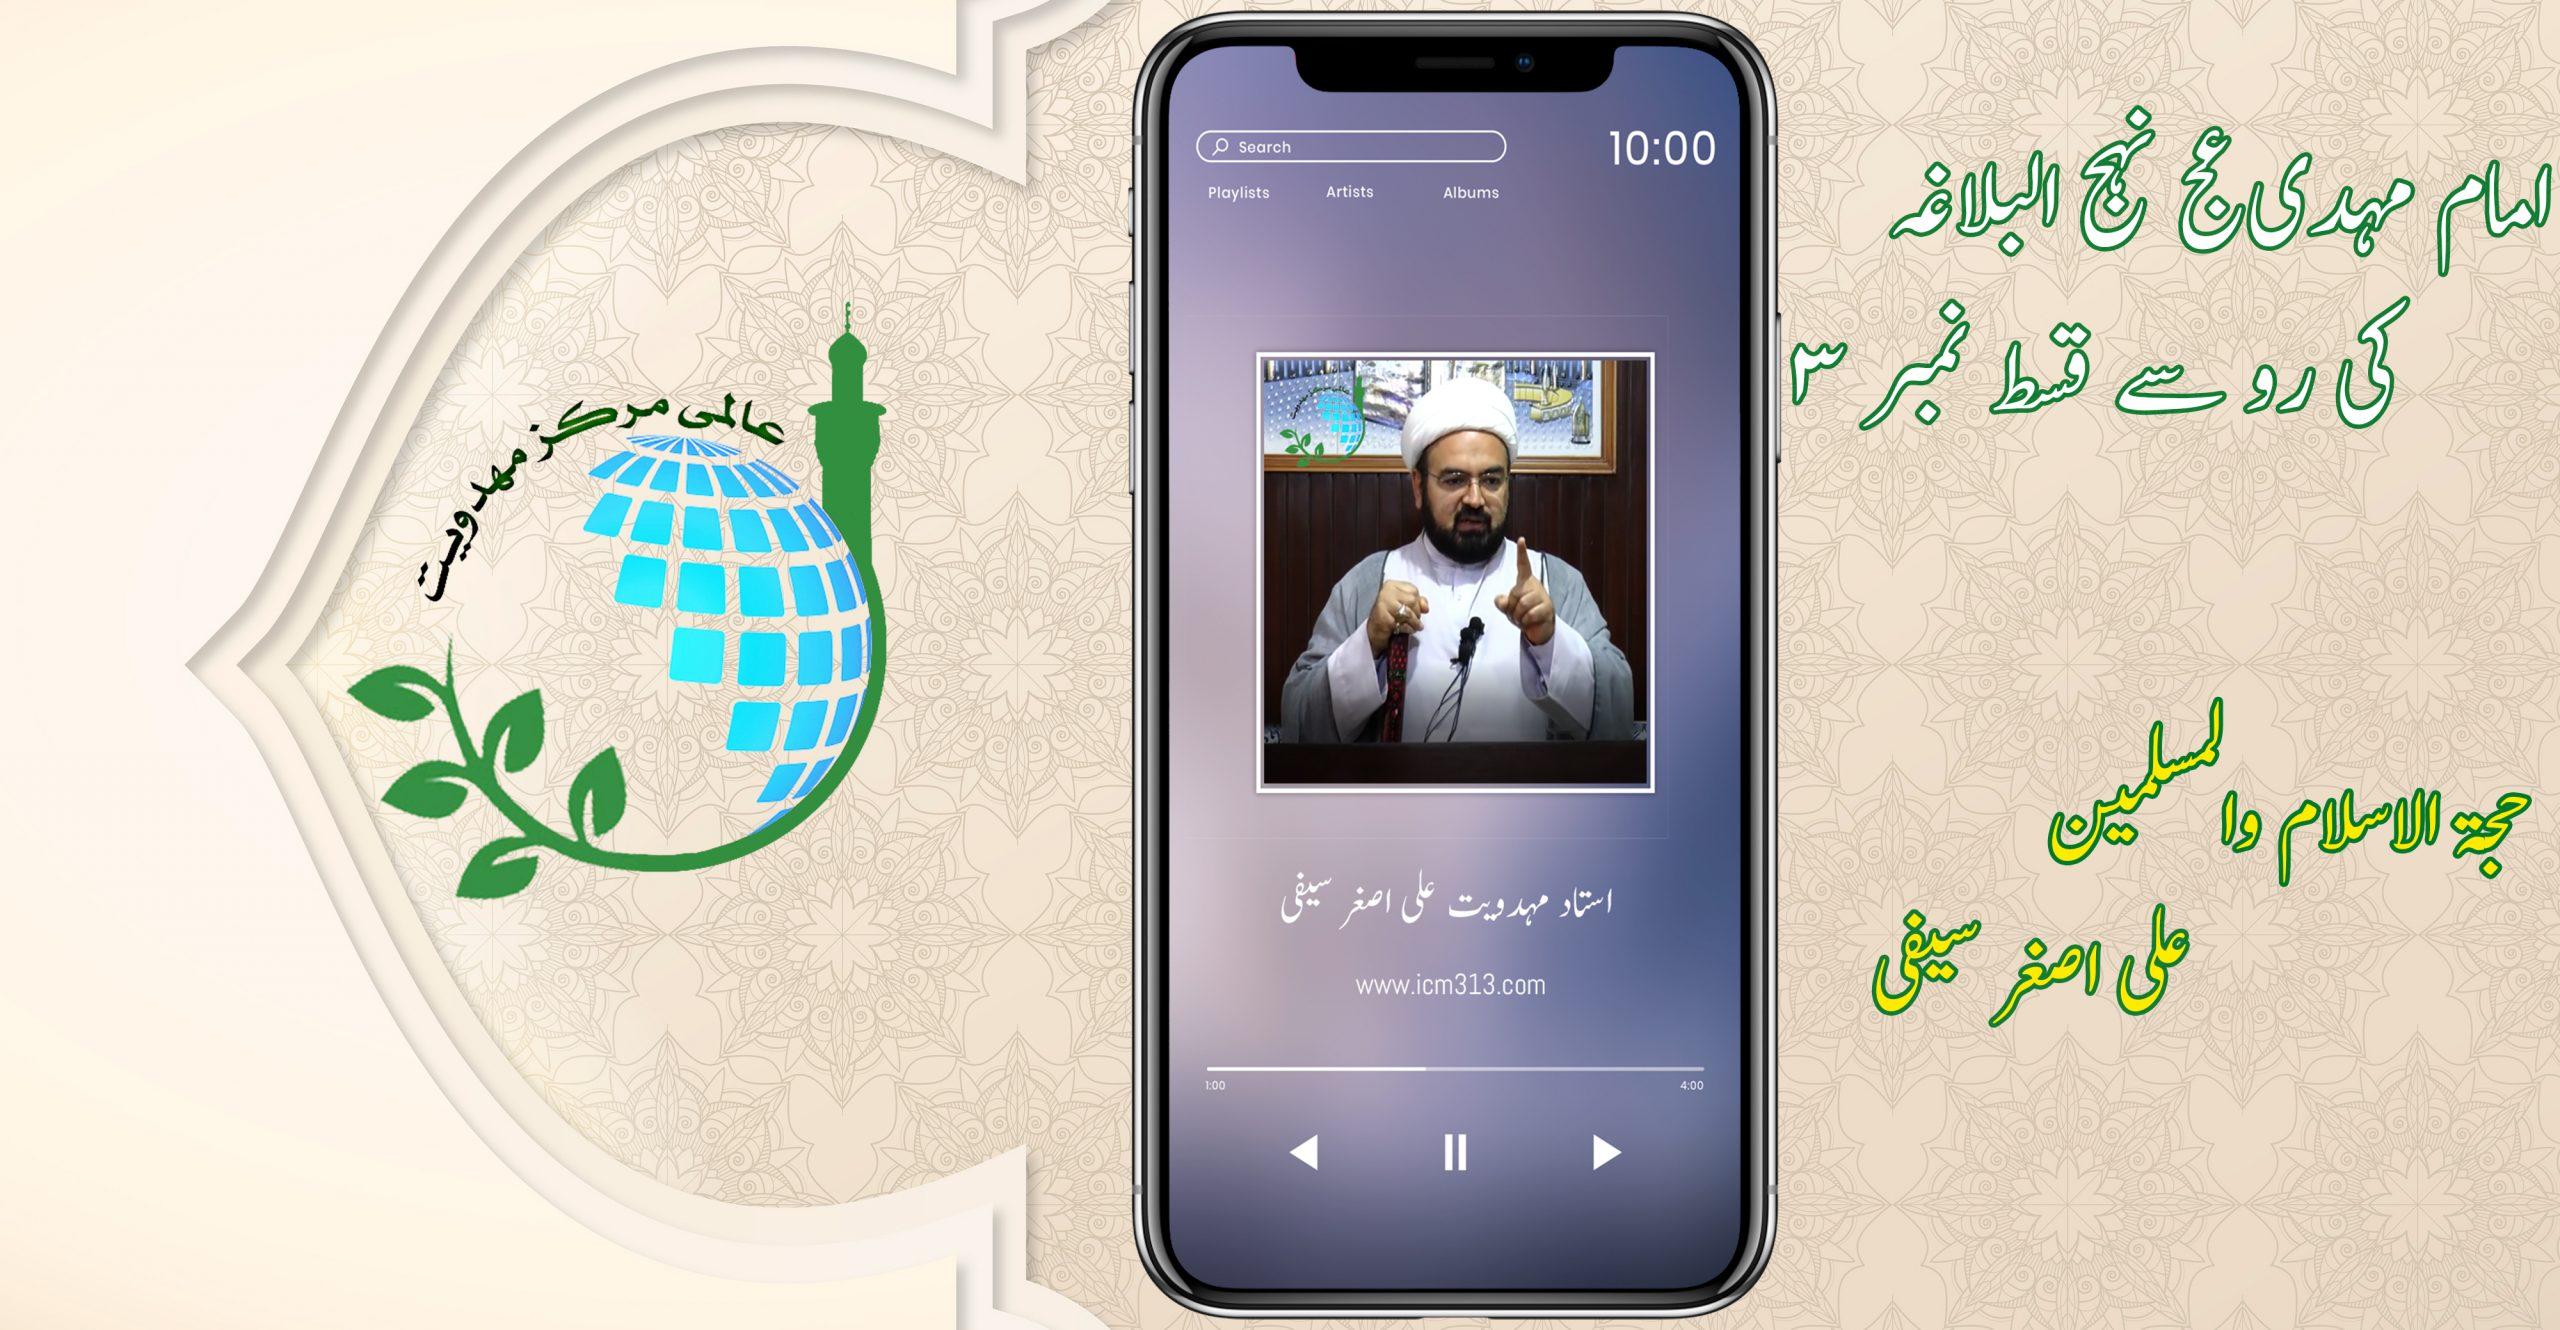 امام مہدی (عج) نہج البلاغہ کی رو سے قسط نمبر 3_استاد:آغا علی اصغر سیفی قبلہ